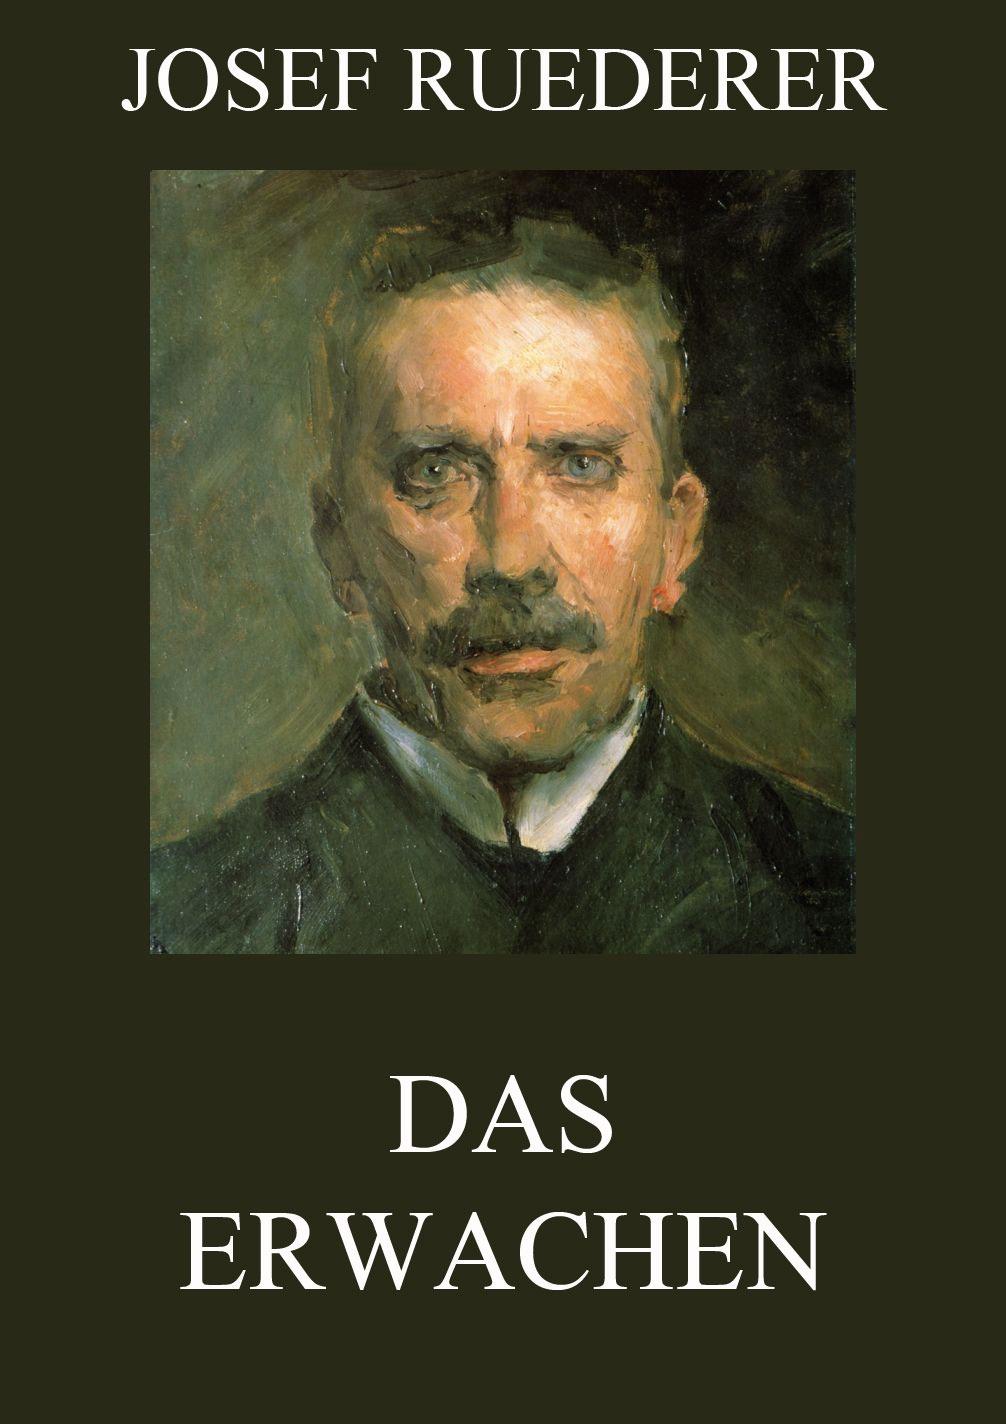 Josef Ruederer Das Erwachen